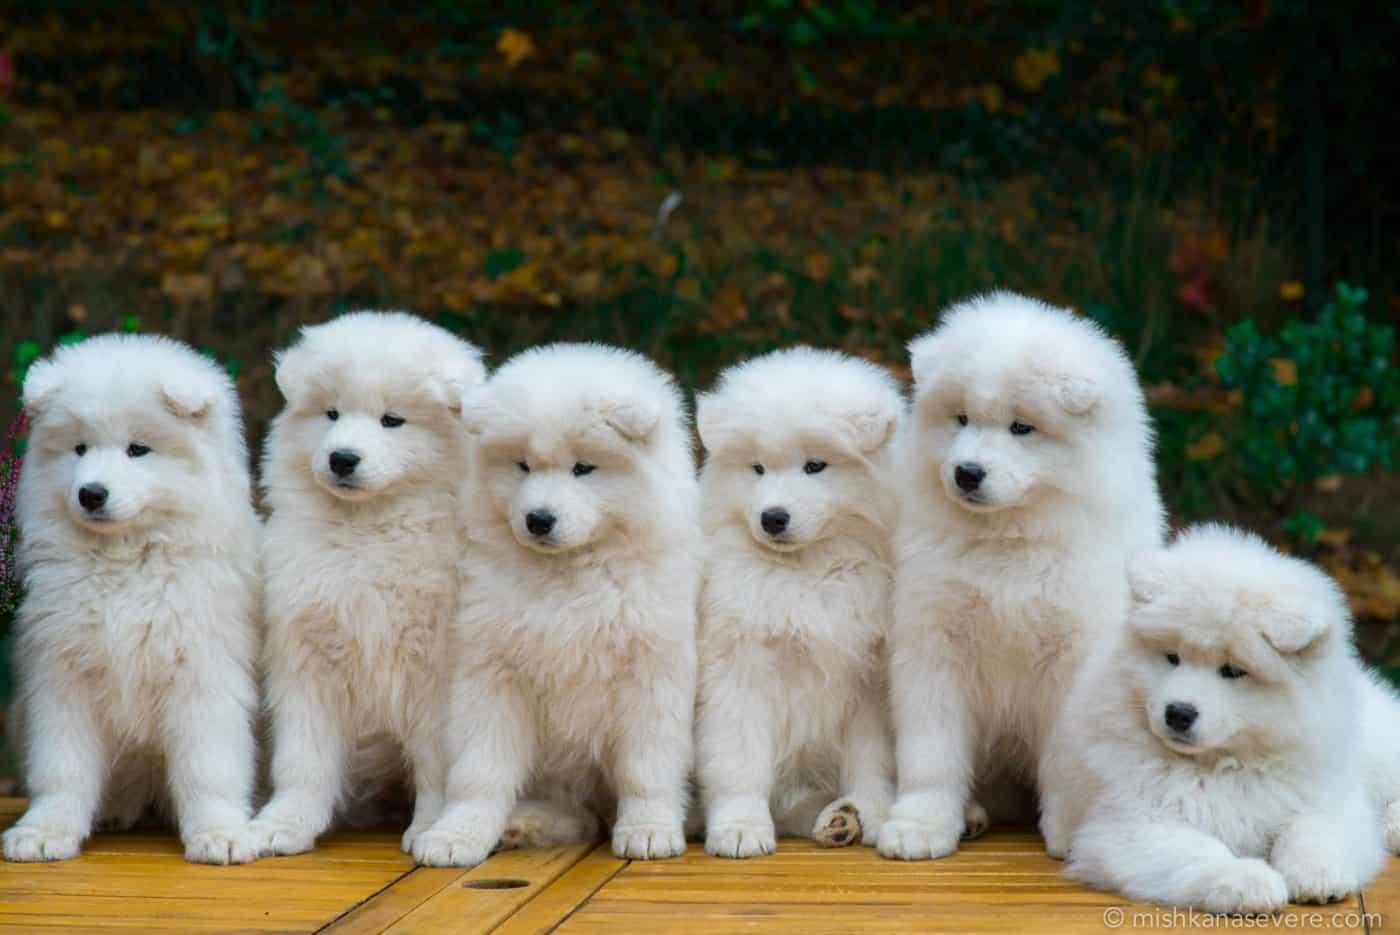 Trường huấn luyện chó quận 10 uy tín giá rẻ tại Tphcm